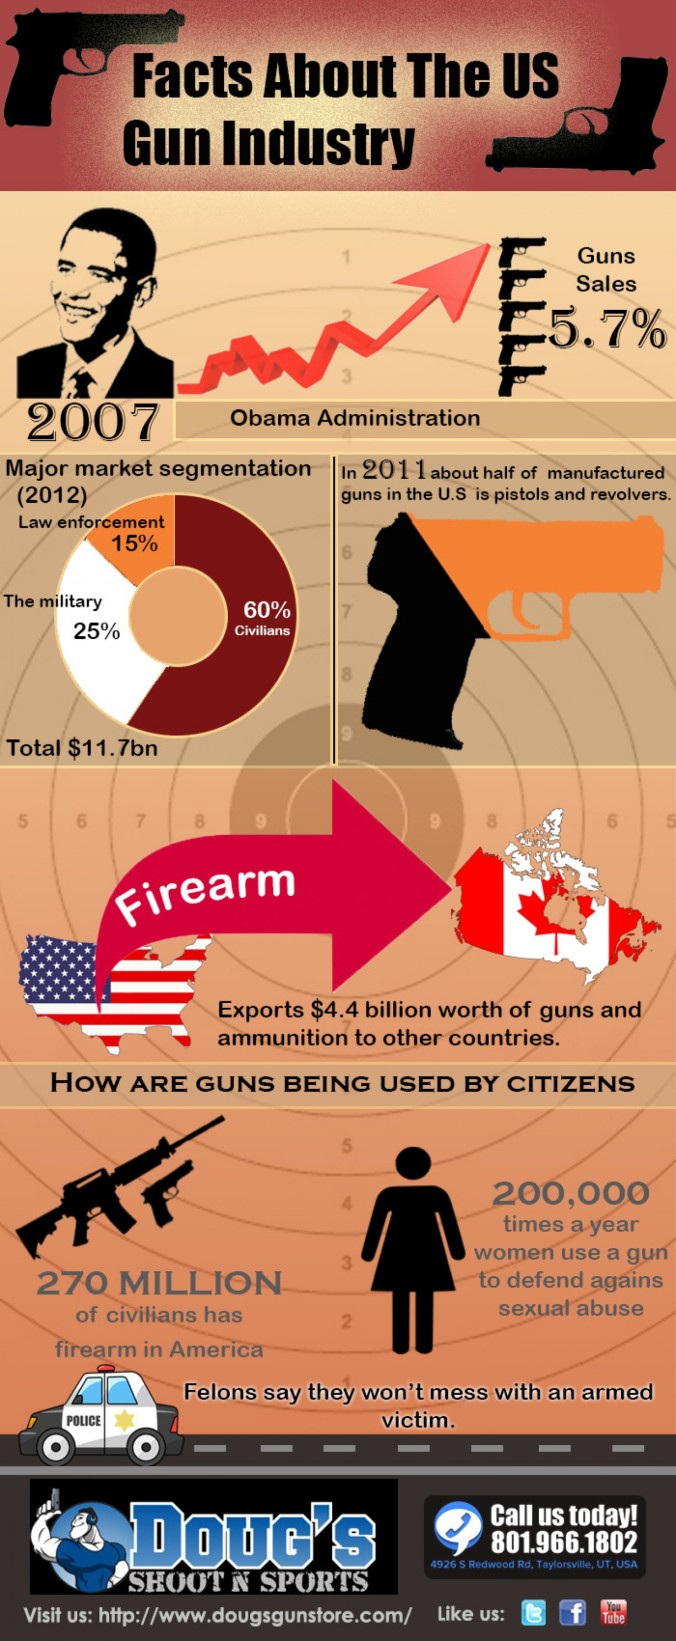 guns-in-the-usa_52fc21da1fdcd_w1500.jpg